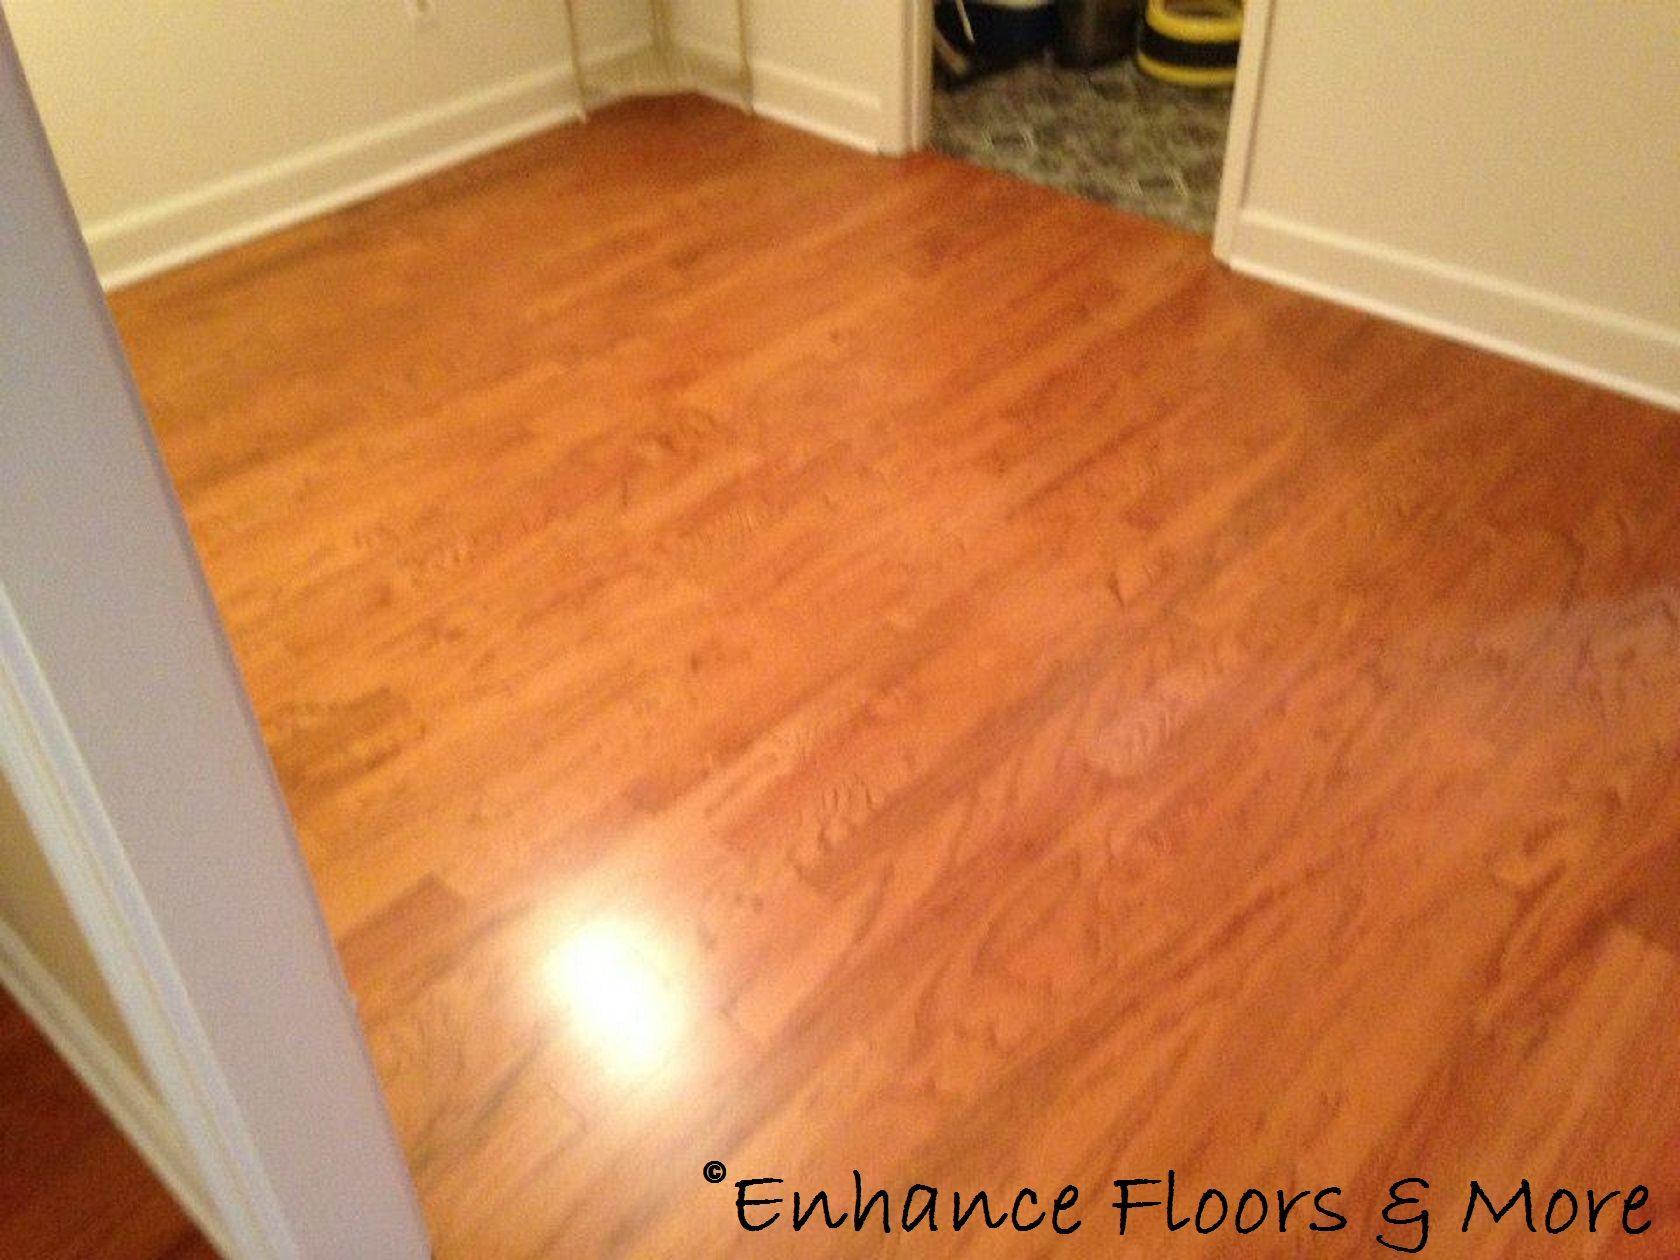 bruce prefinished oak hardwood flooring of mohawk flooring prefinished hardwood floor fairlain oak 3 8 x 3 regarding mohawk flooring prefinished hardwood floor fairlain oak 3 8 x 3 color golden